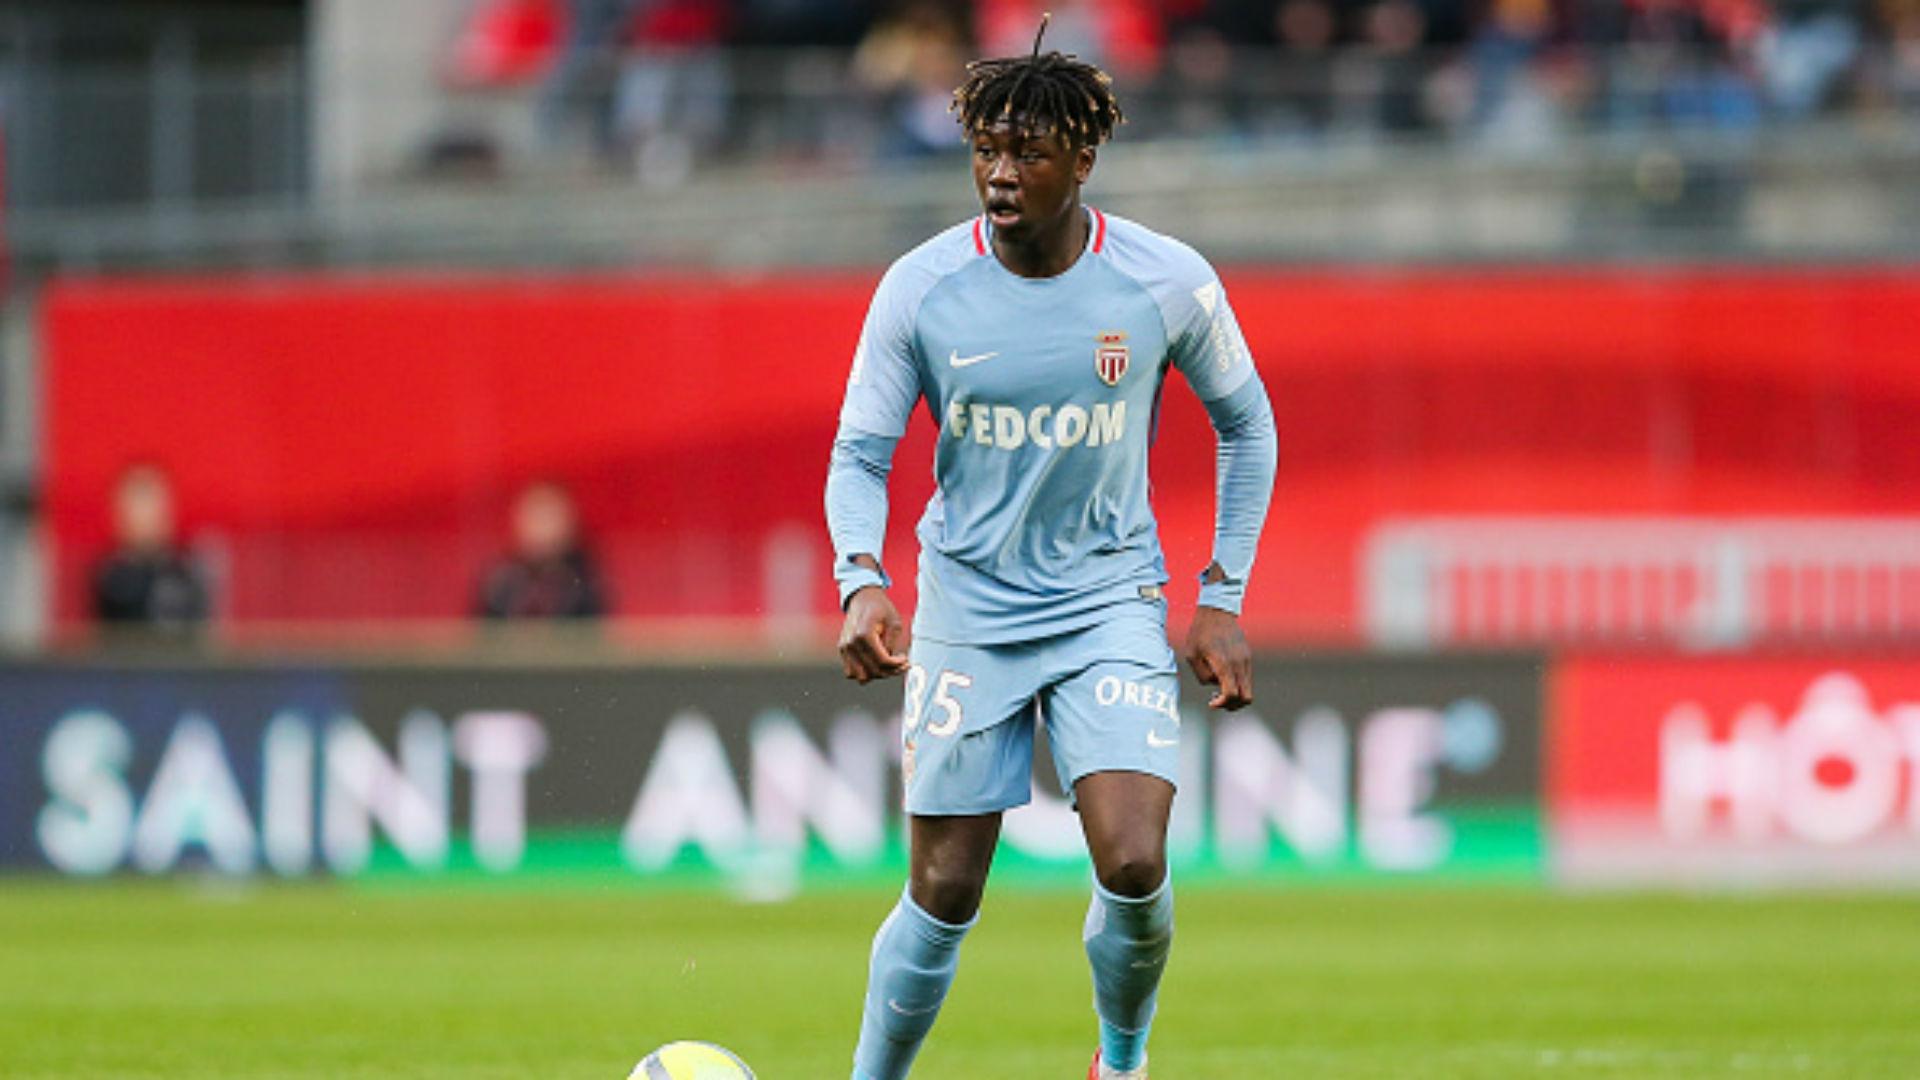 N'Doram blessé à la suite d'une altercation — Monaco